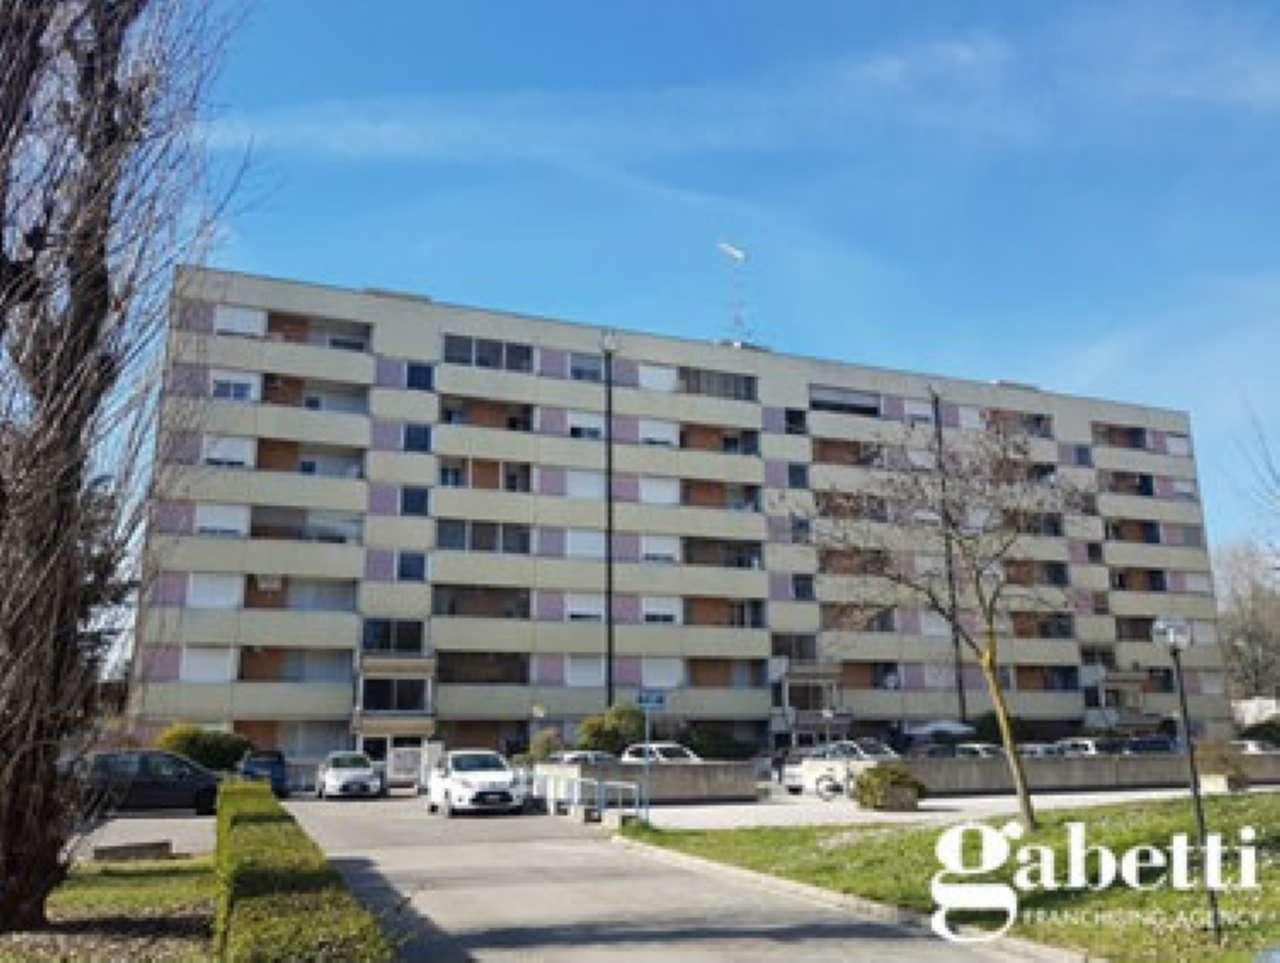 Appartamento in vendita a Castel Maggiore, 2 locali, prezzo € 76.000   CambioCasa.it